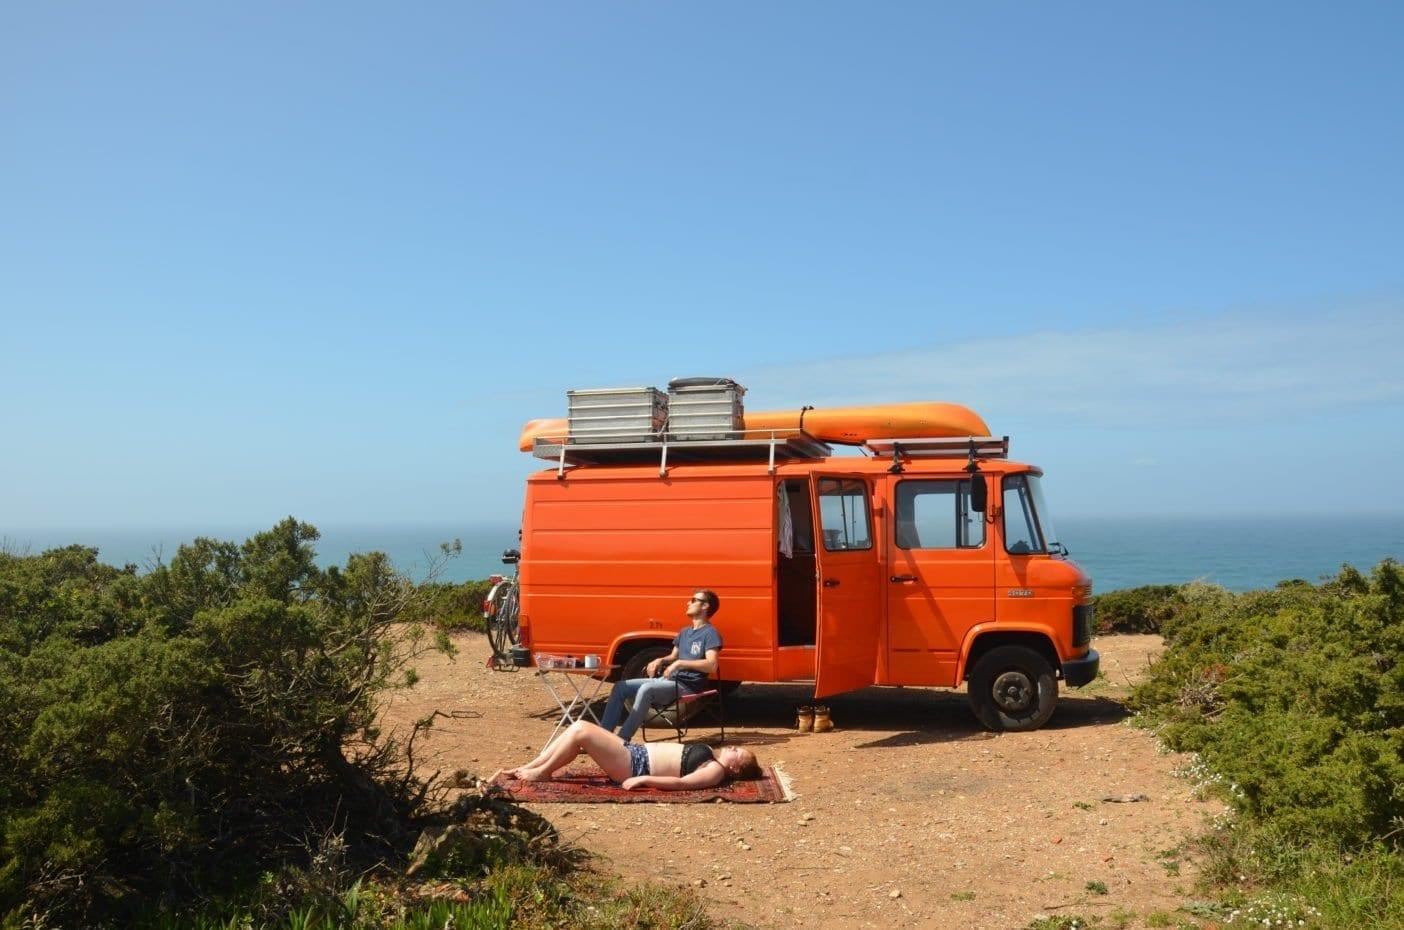 Mercedes-407d-camper-düdo-leergewicht-wohnmobil-strand-meer-freistehen-pärchen-Selbstausbau